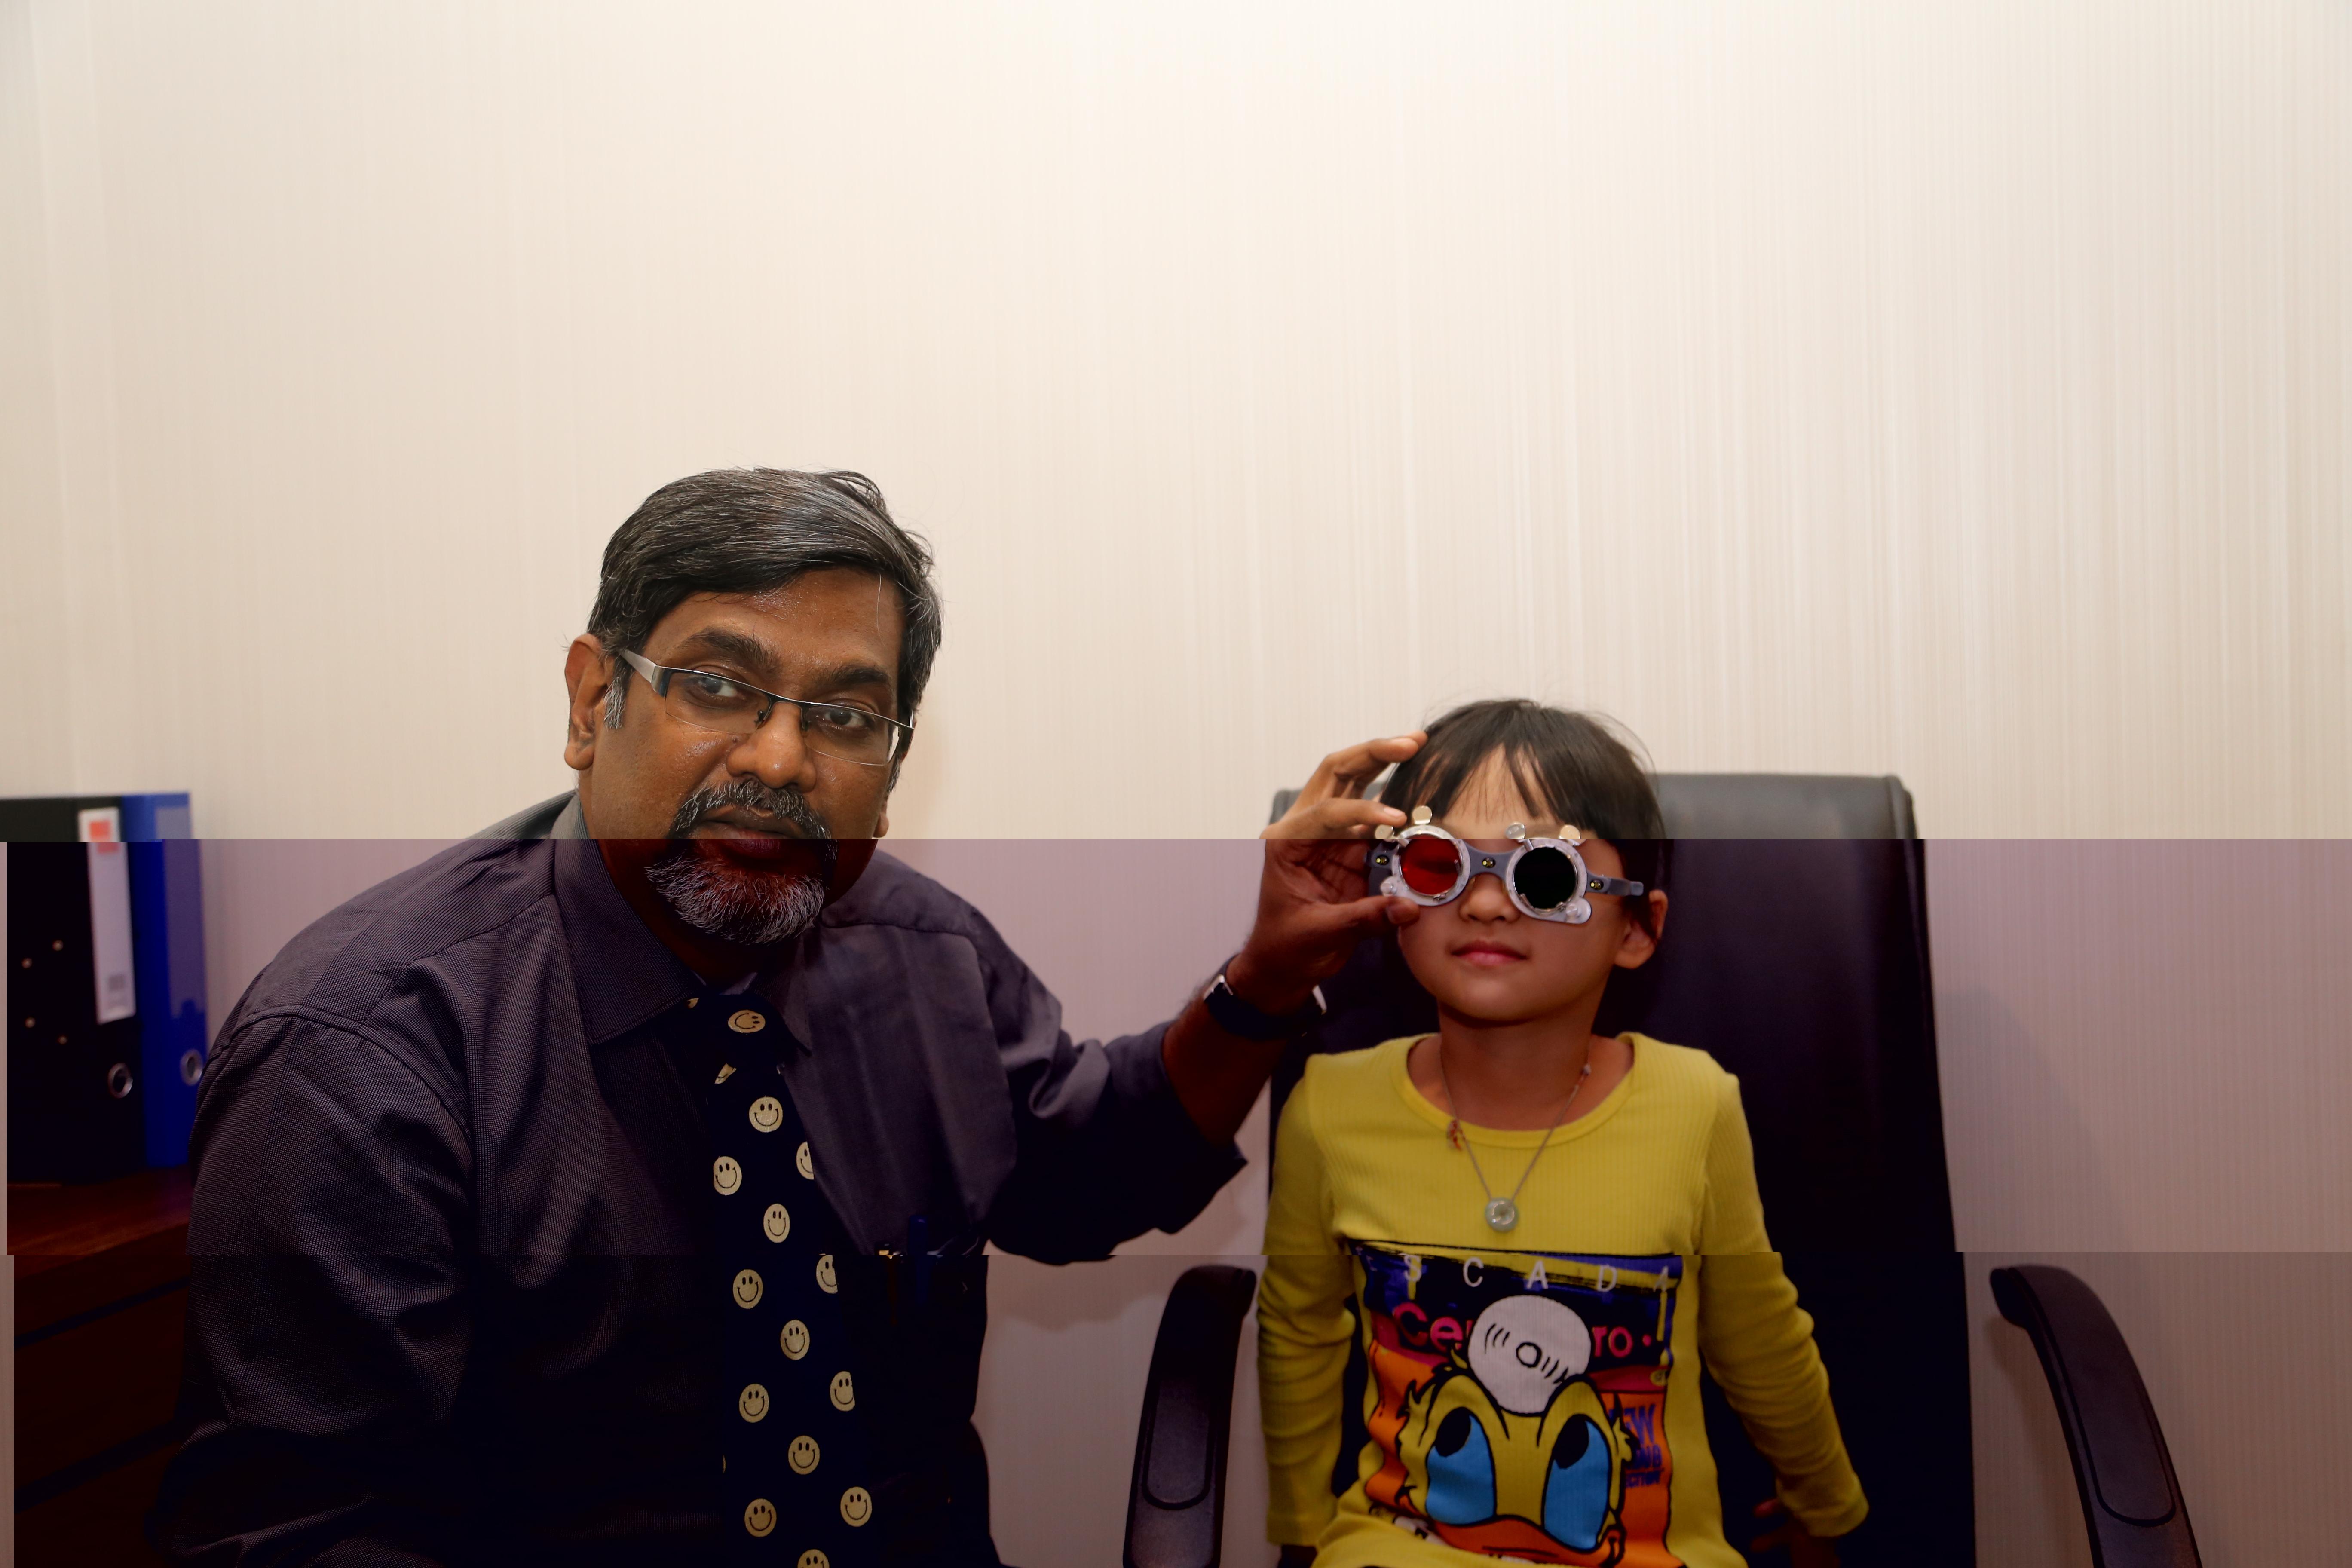 在孩子近视矫治方面,家长容易陷入哪些误区